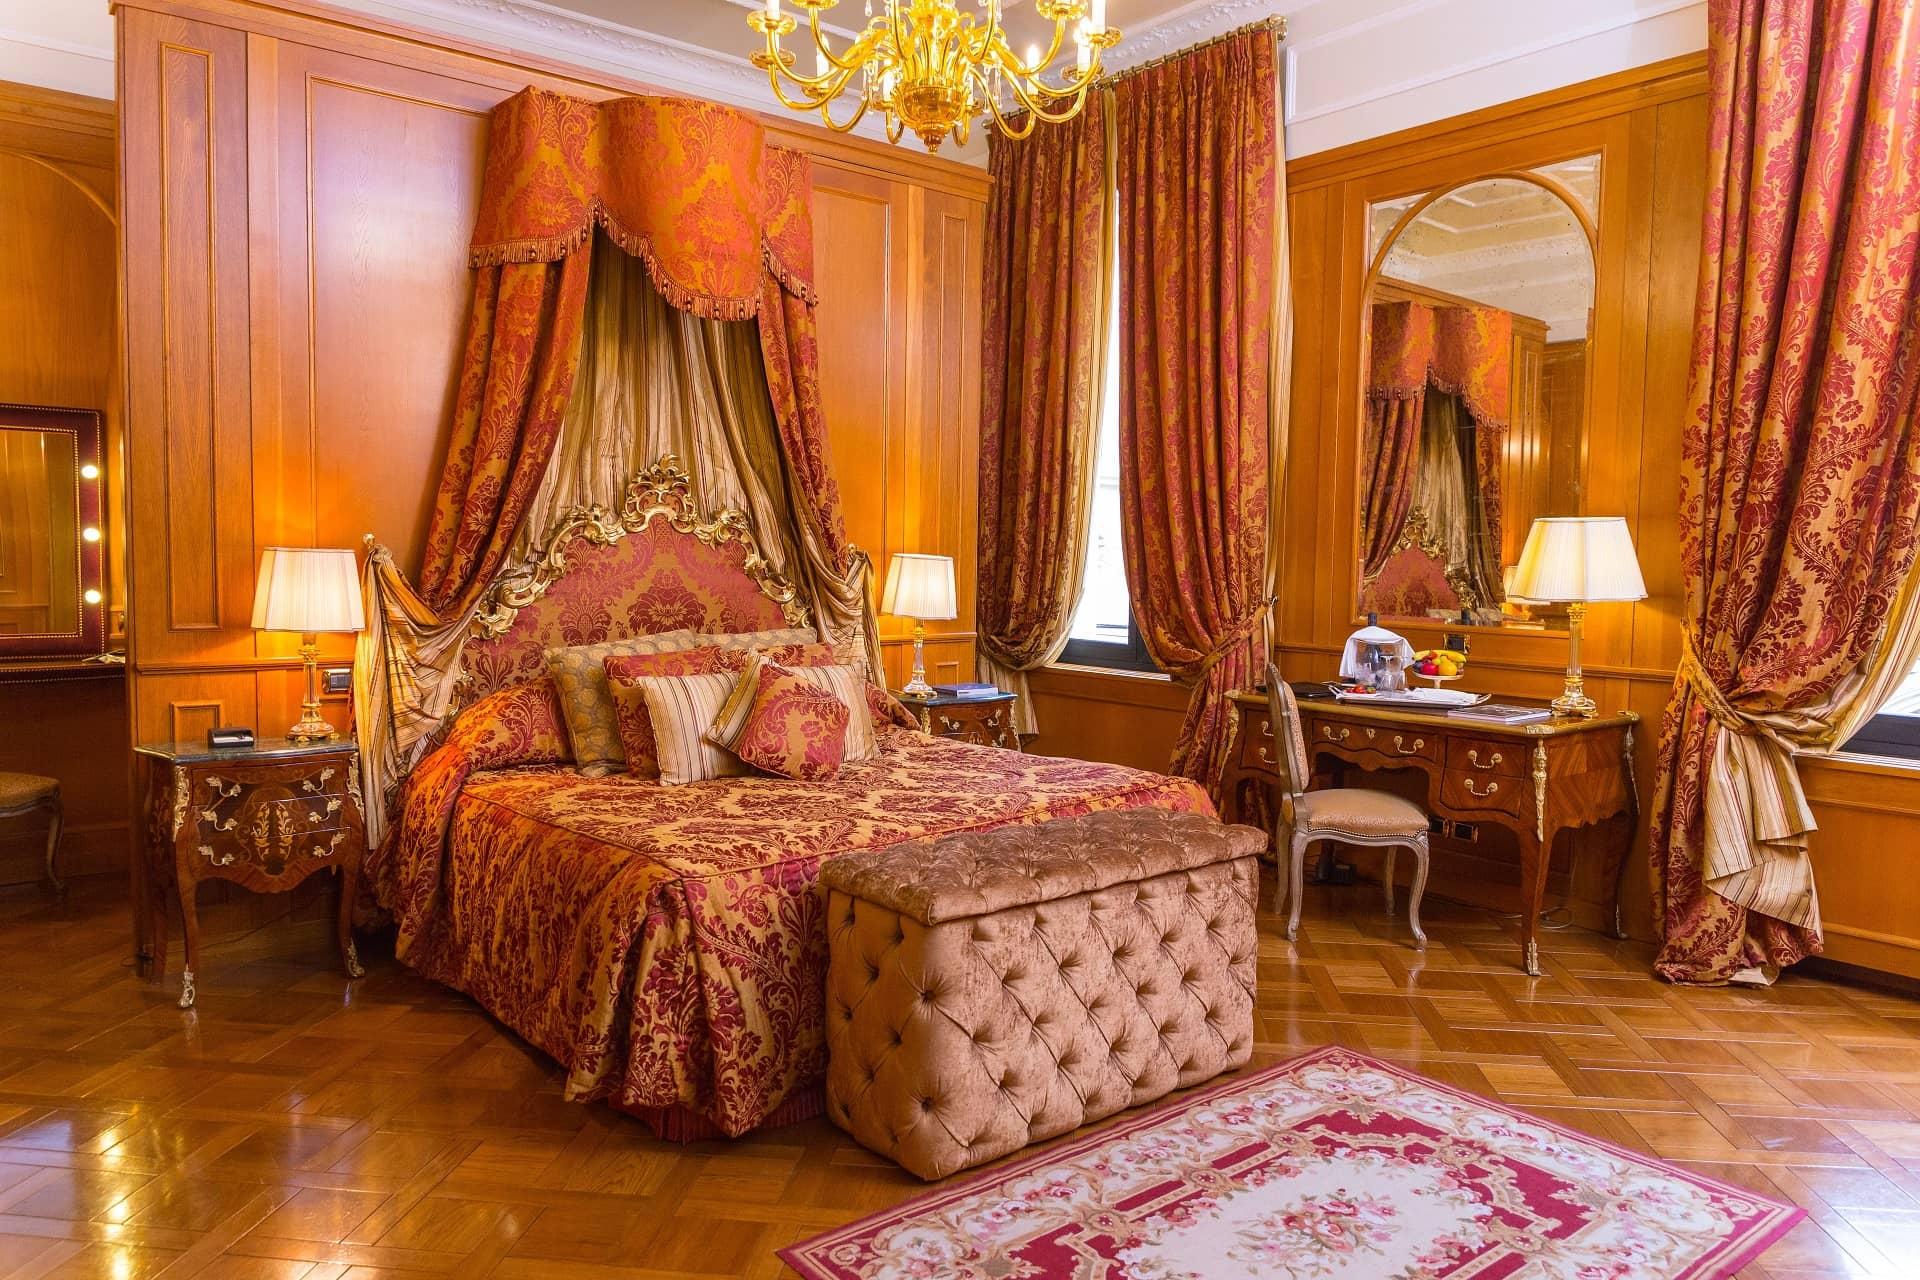 Grand Hotel Majestic gia Baglioni